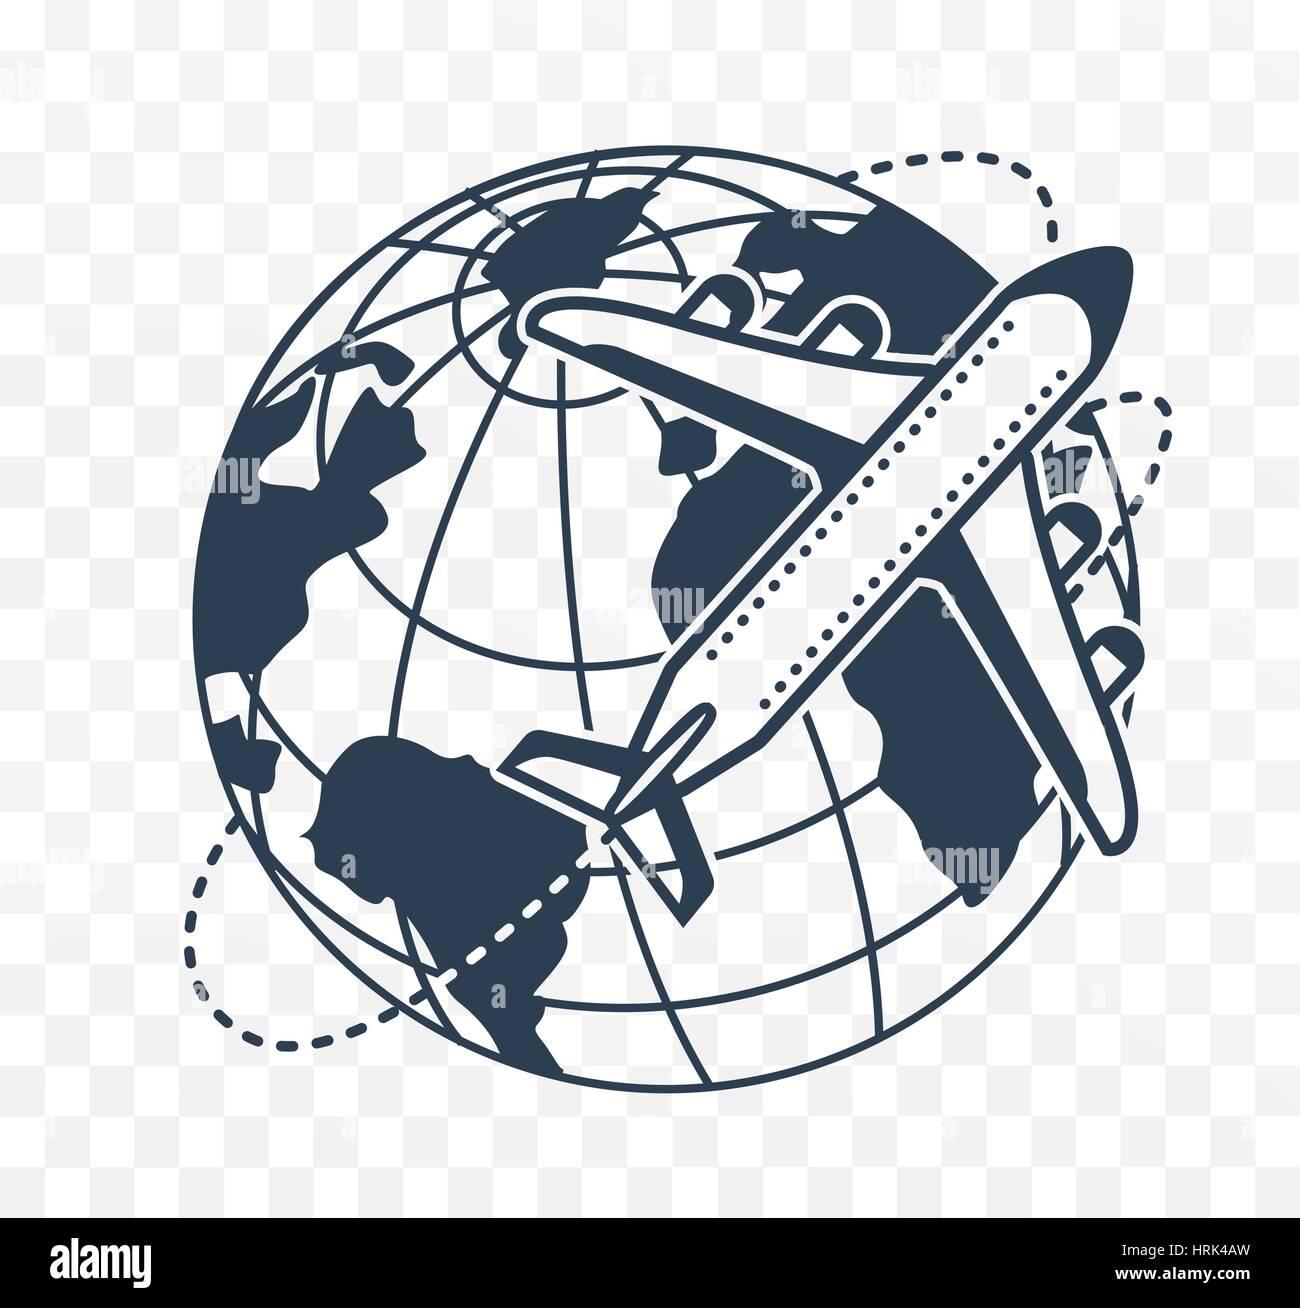 Silhouette di icona di un aereo sulla terra di sfondo Immagini Stock